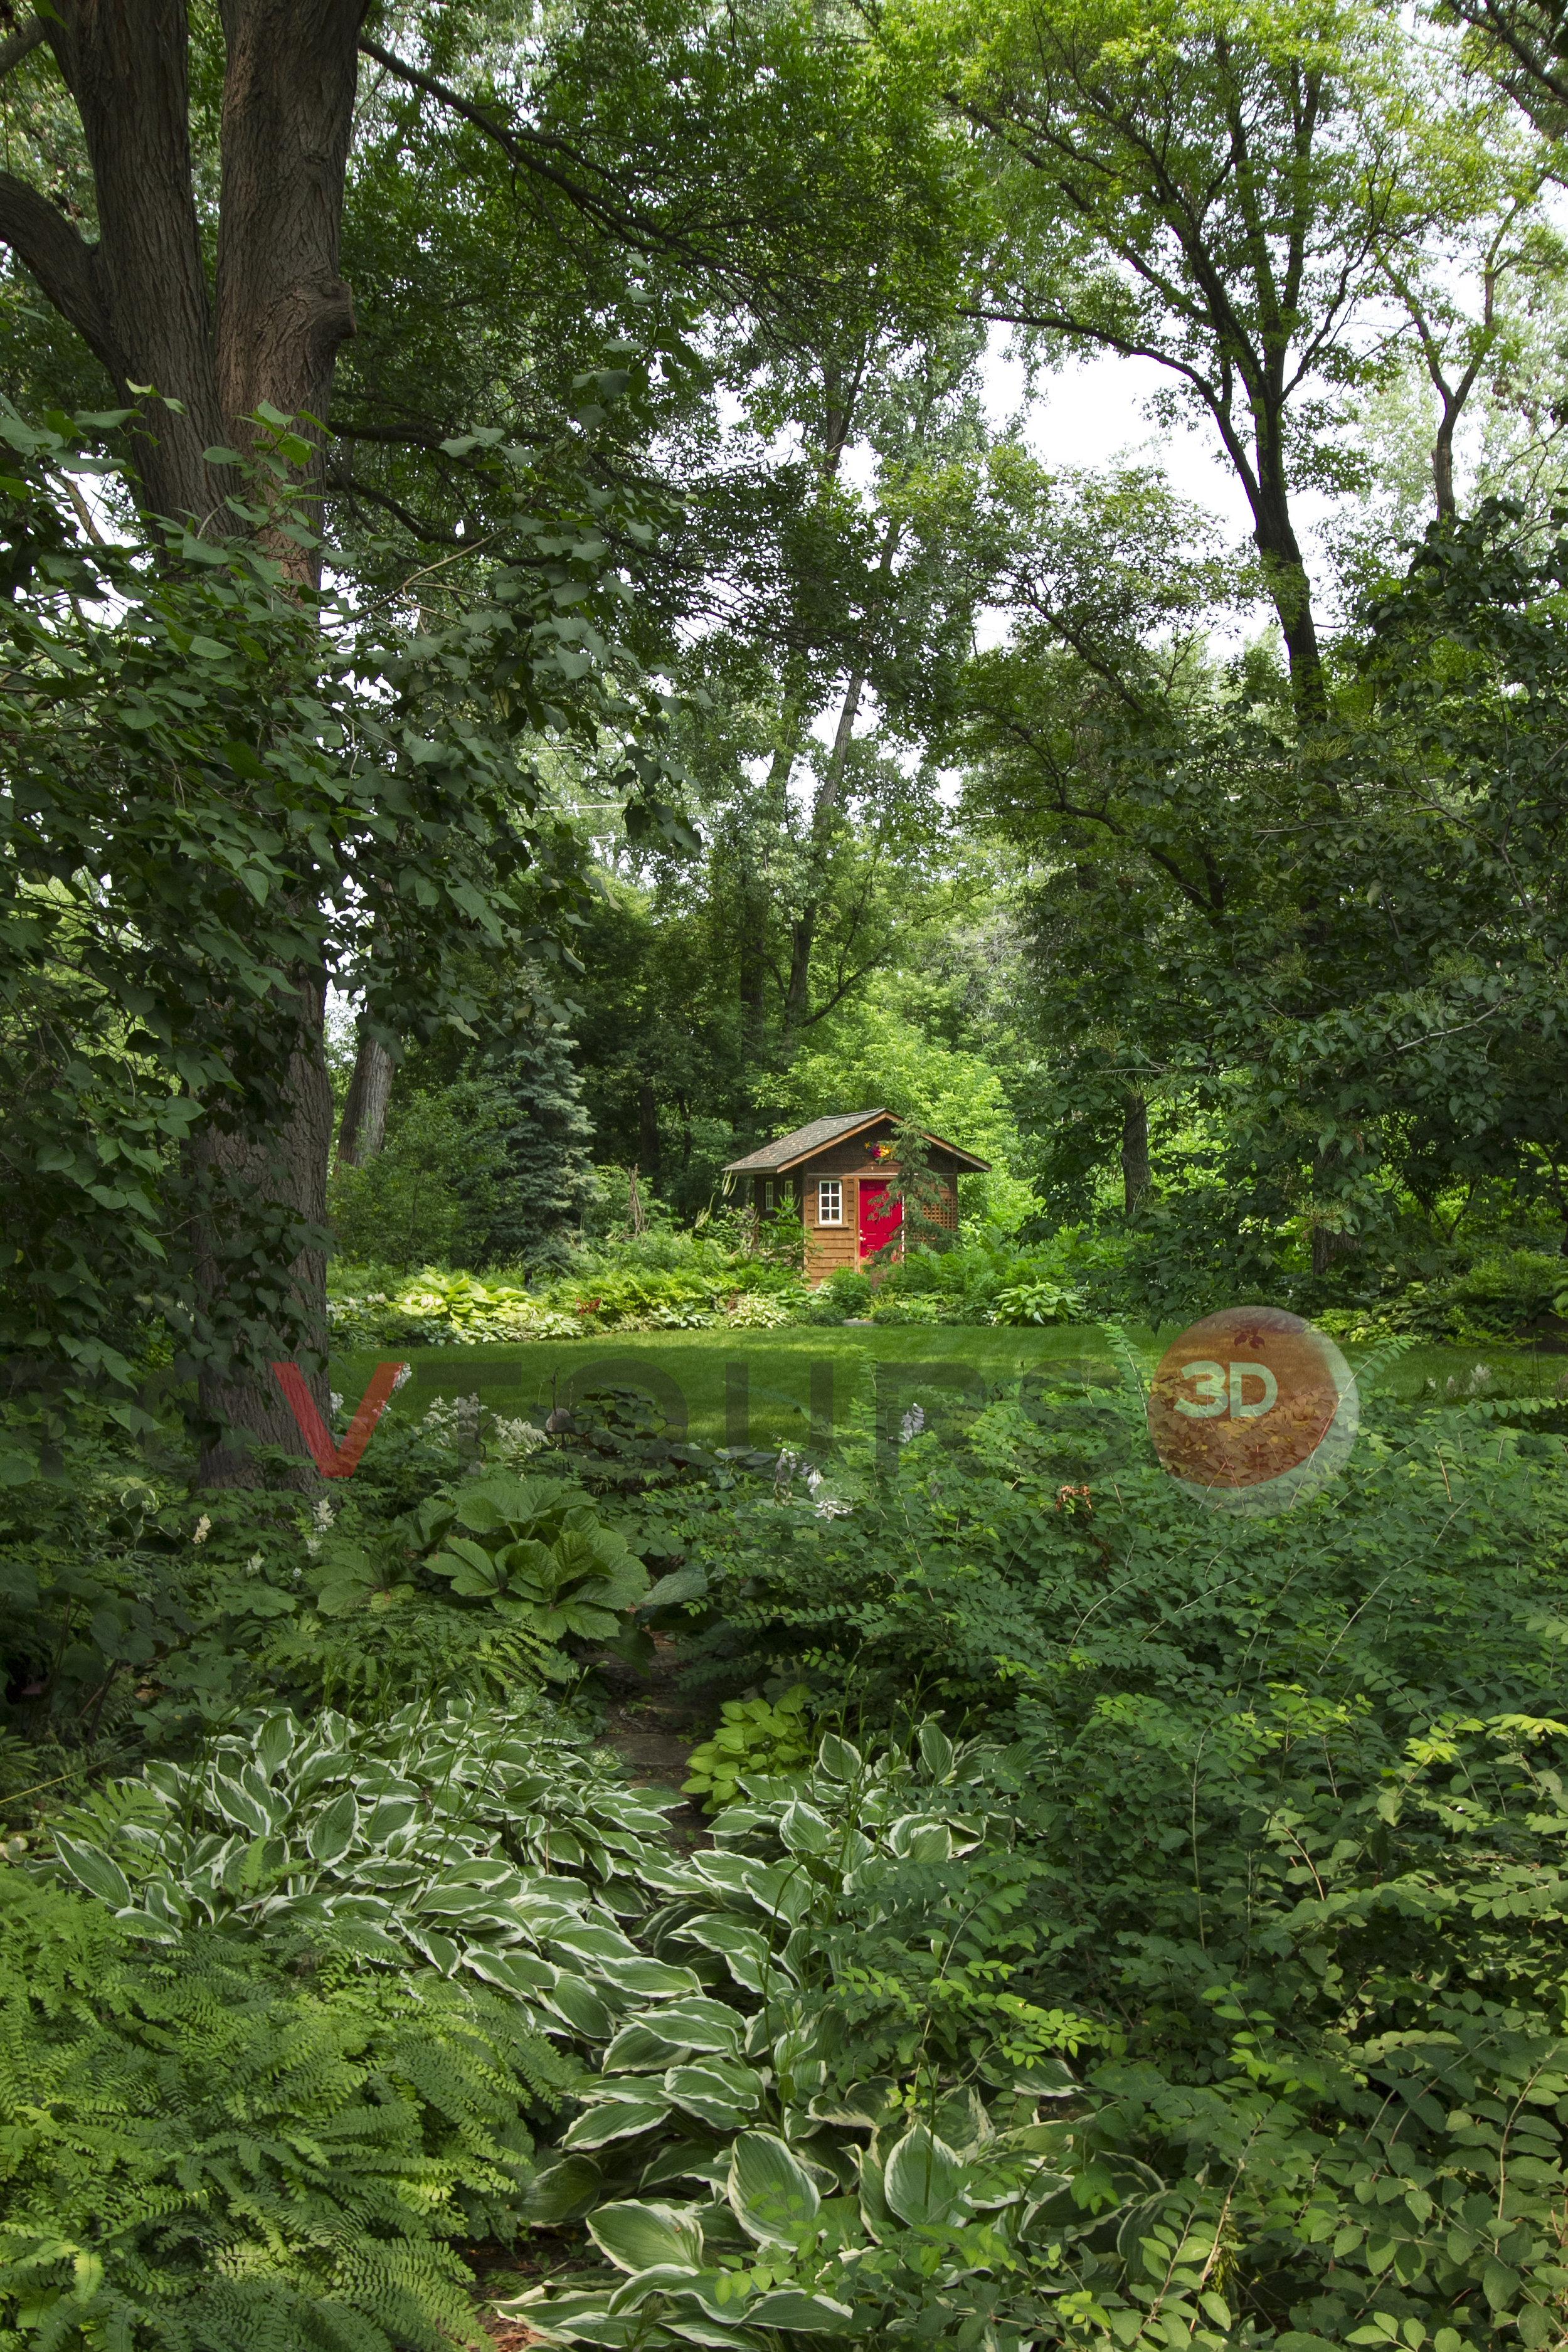 042_back yard vert H20.jpg